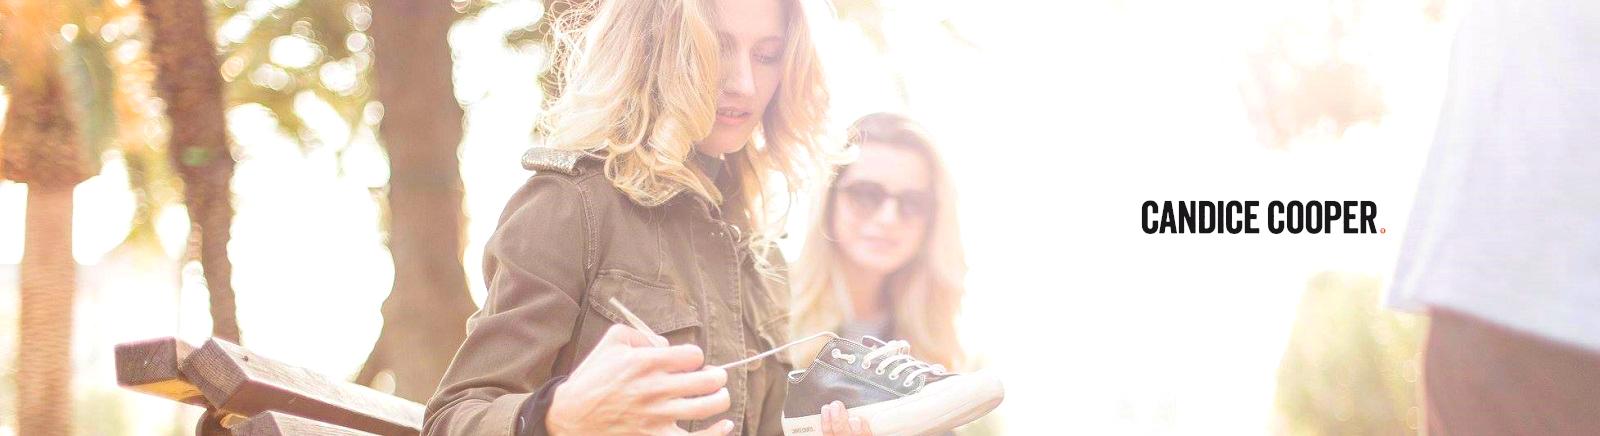 Juppen: Candice Cooper Damenschuhe online shoppen